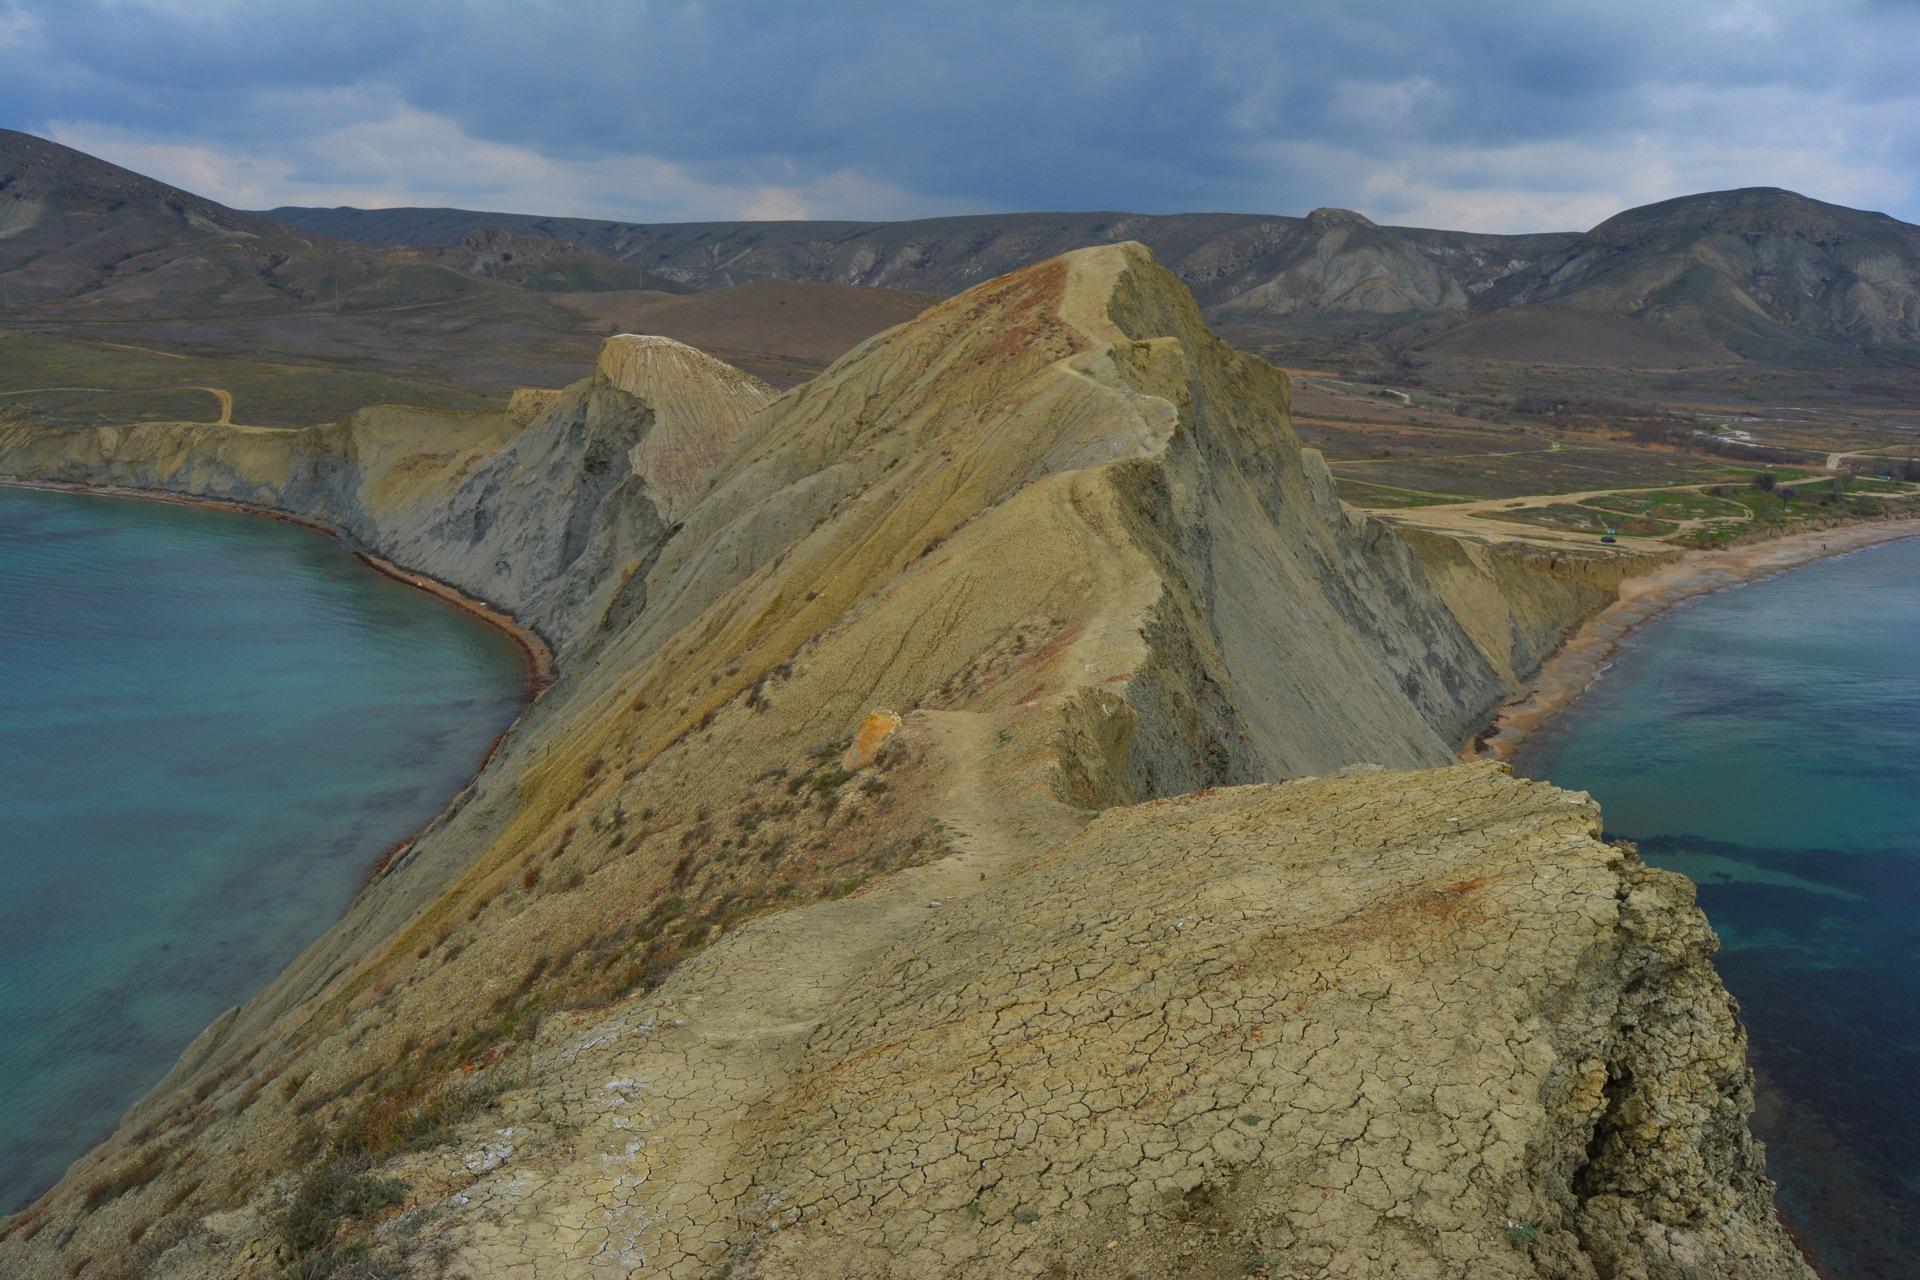 Крым достопримечательности фото с описанием алушта чаще всего